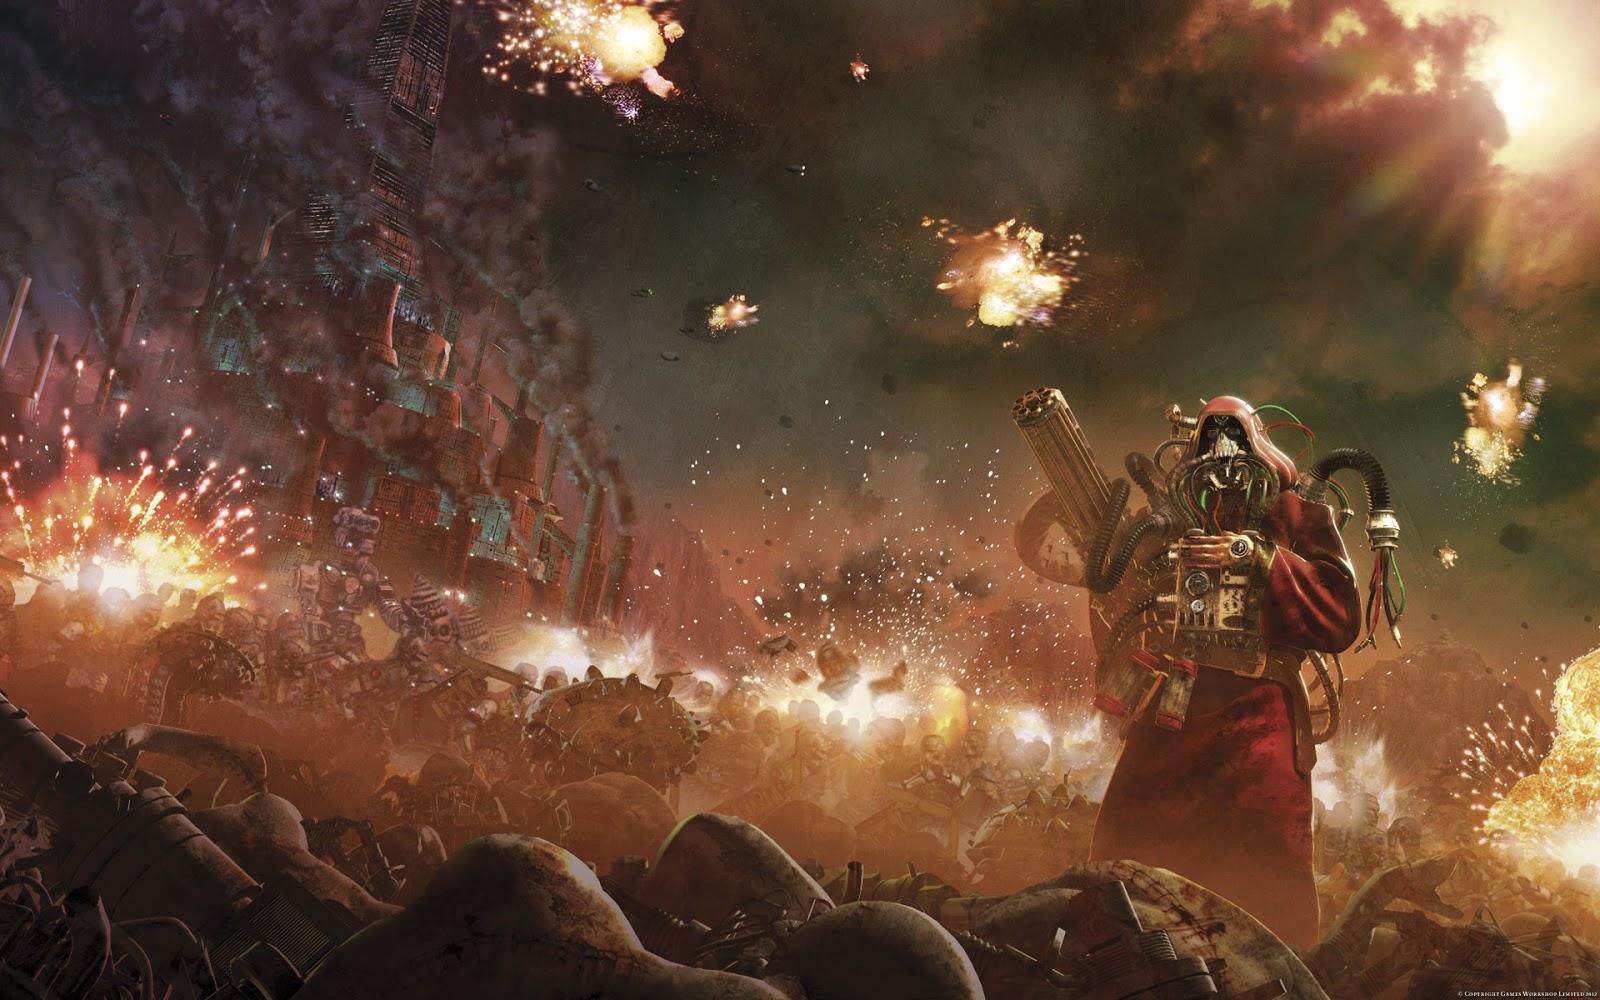 warhammer horus heresy hd wallpaper - photo #14